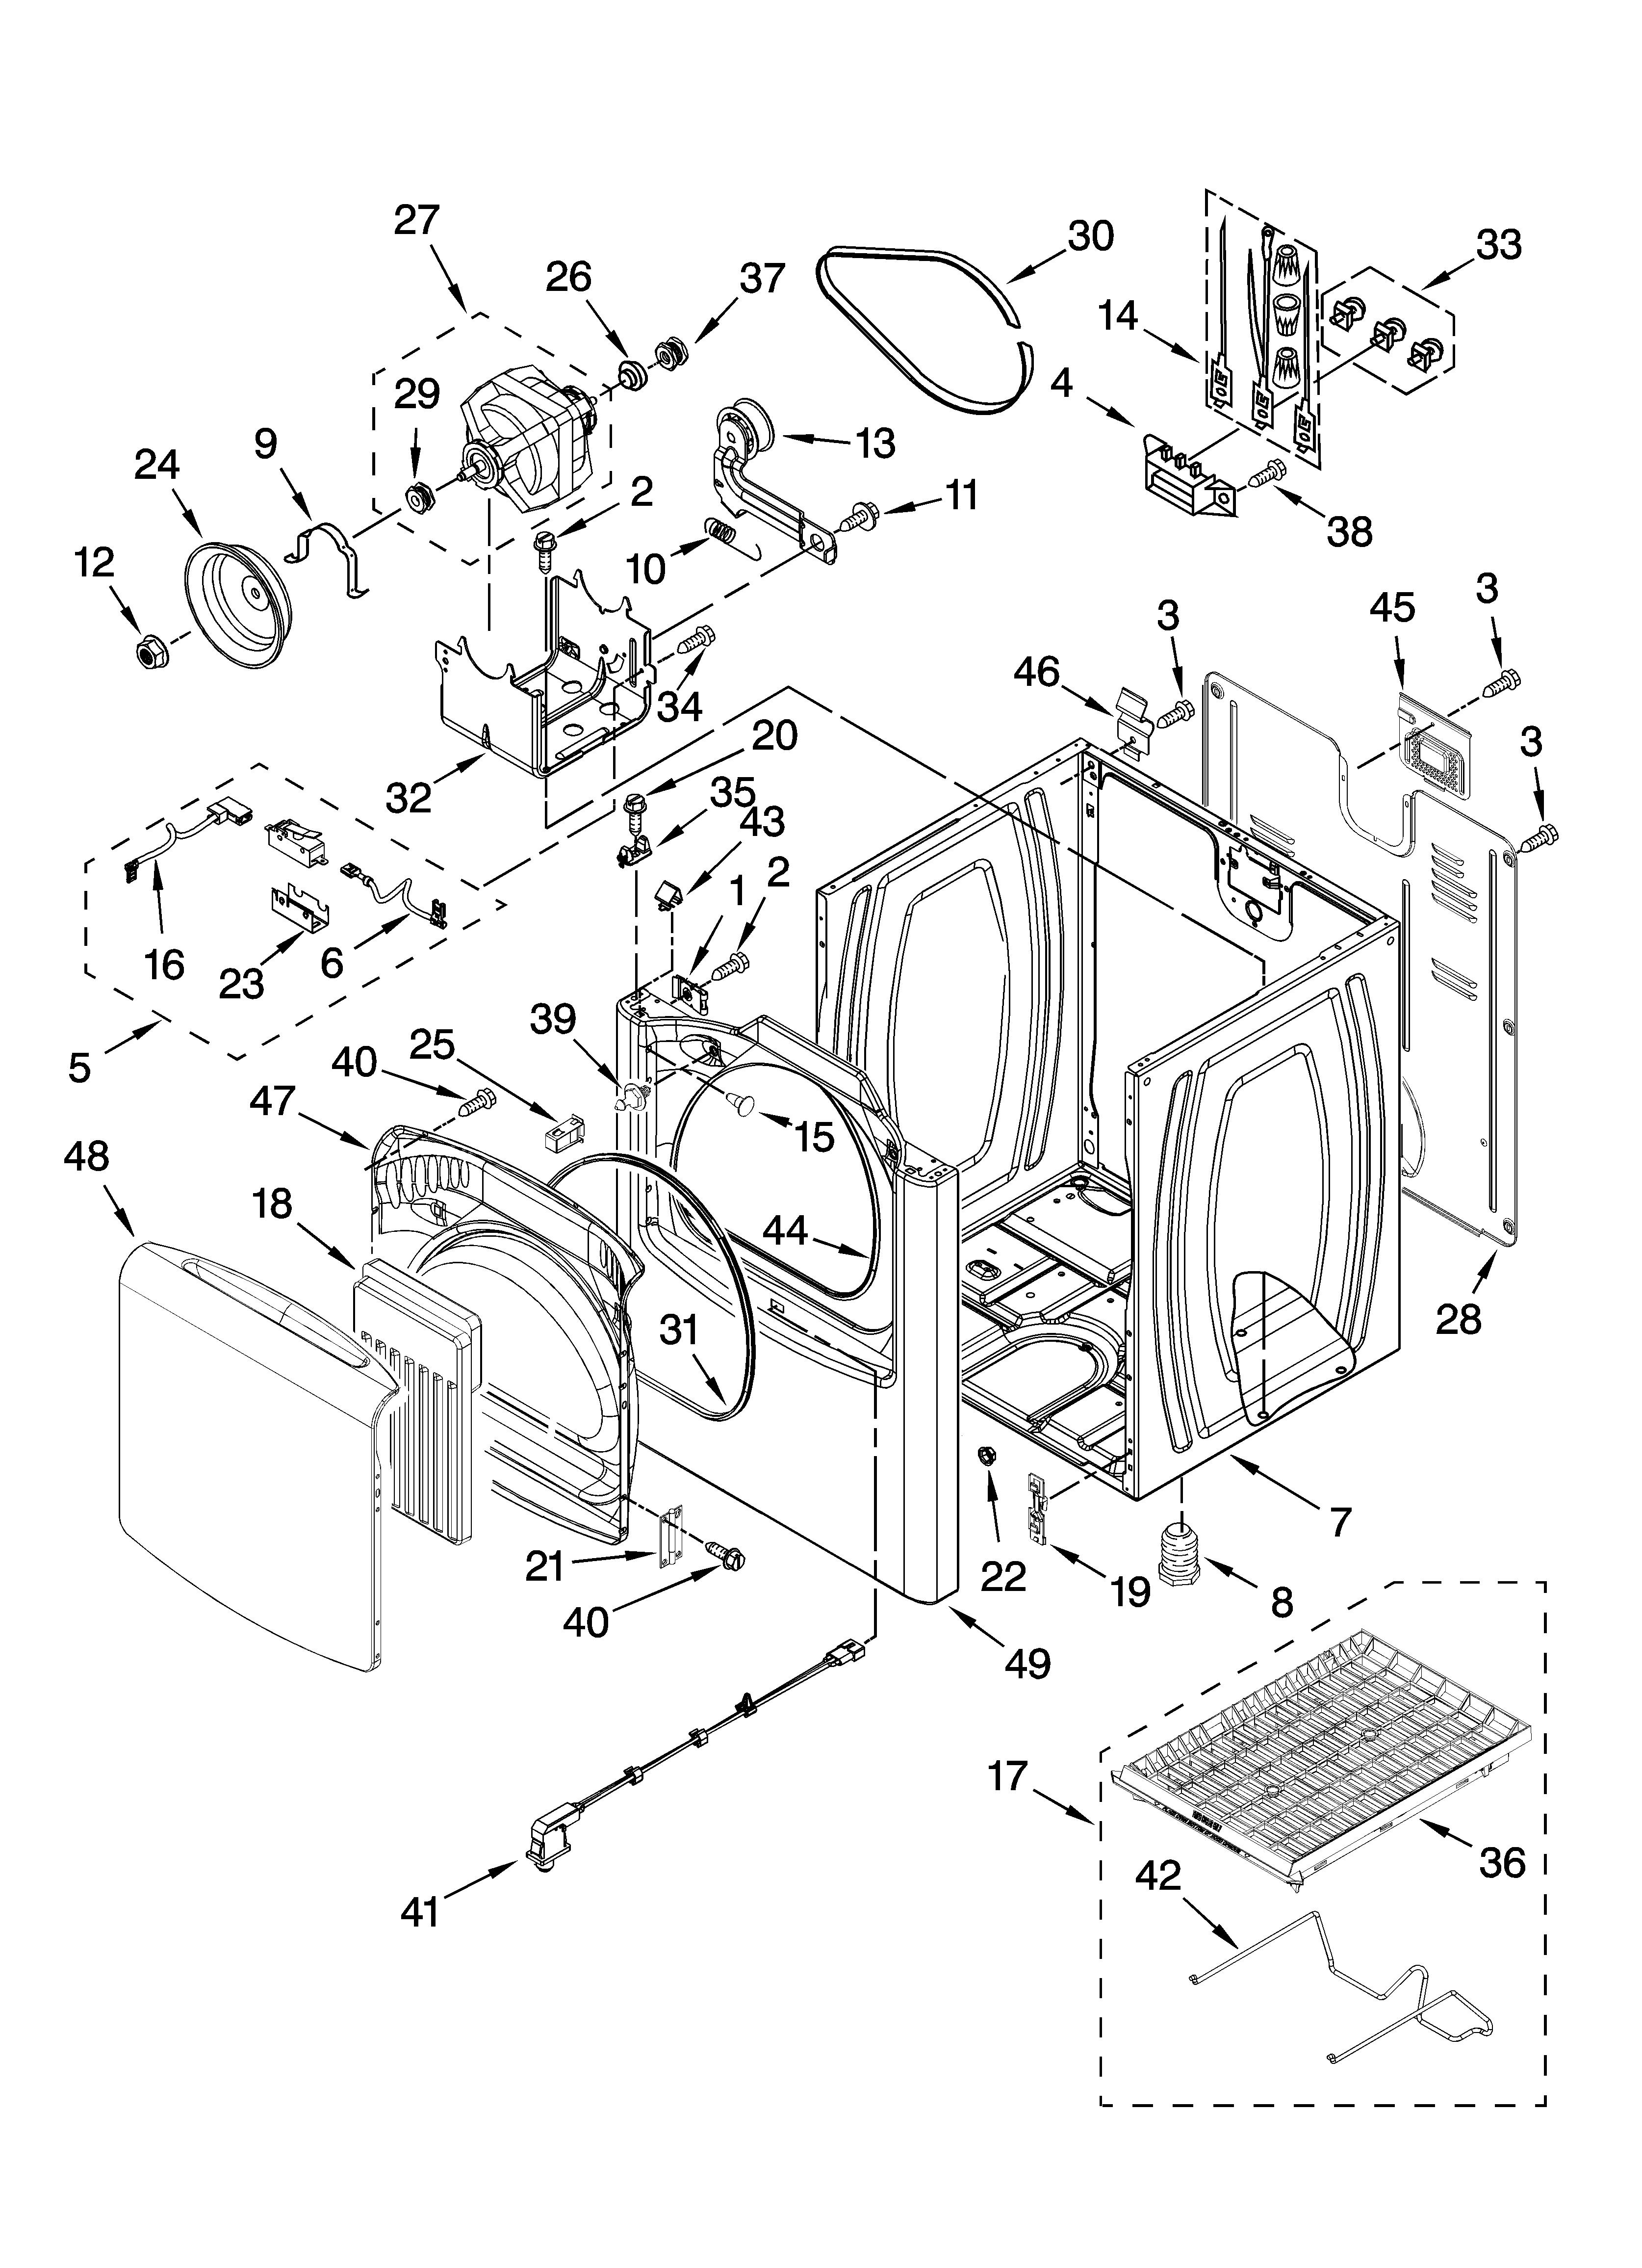 instruction booklet for kenmore elite dishwasher model 665.13769k600